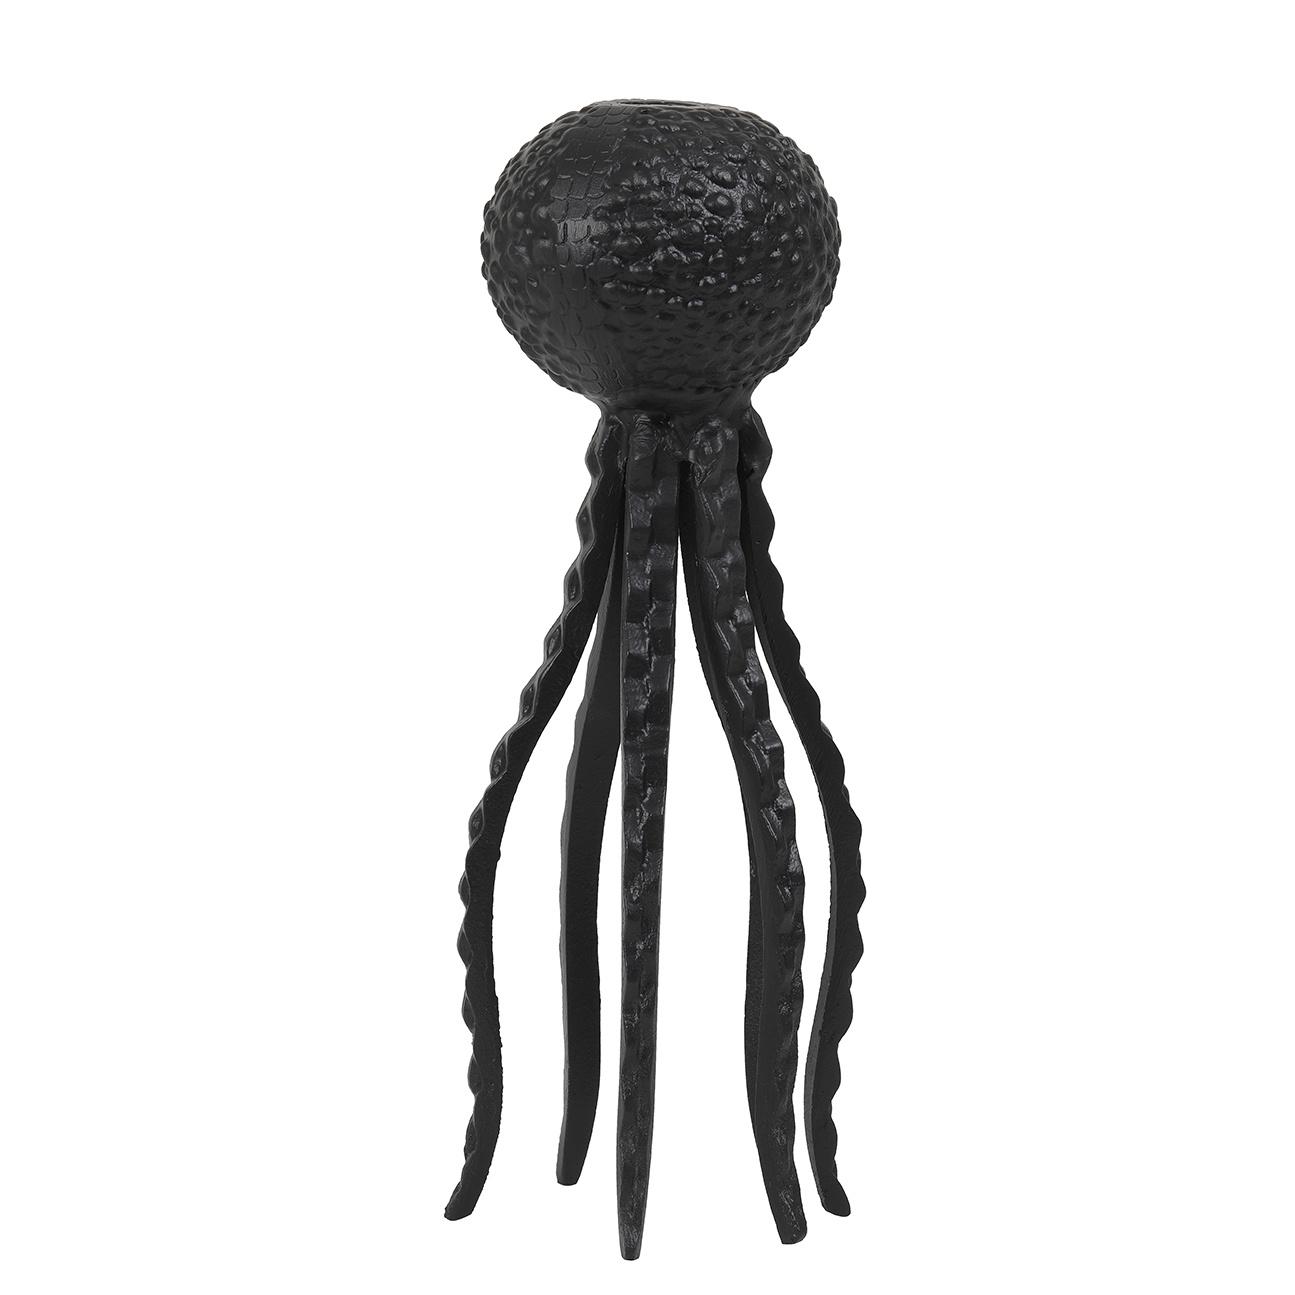 Zwarte octopus kandelaar